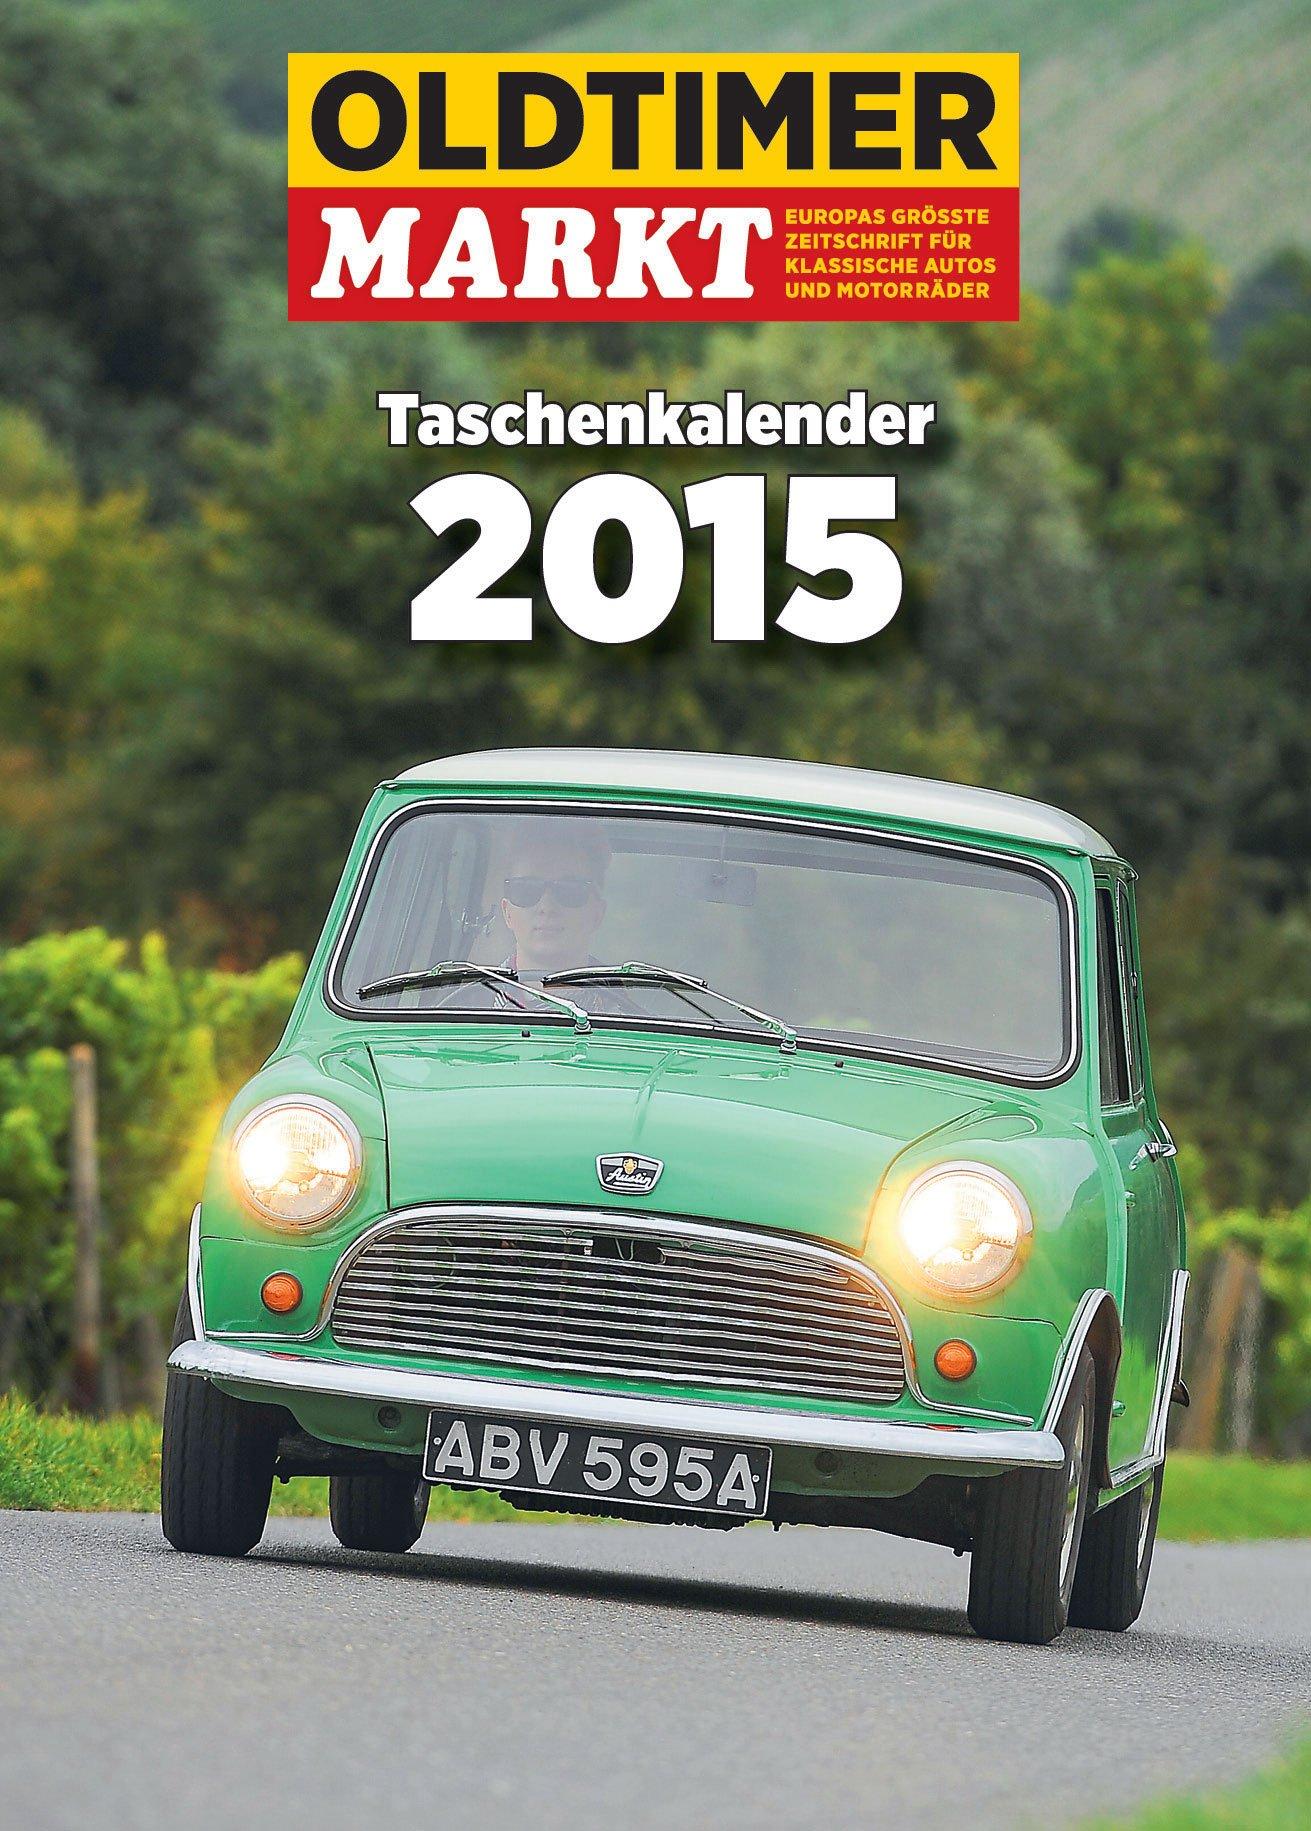 oldtimer-markt-taschenkalender-2015